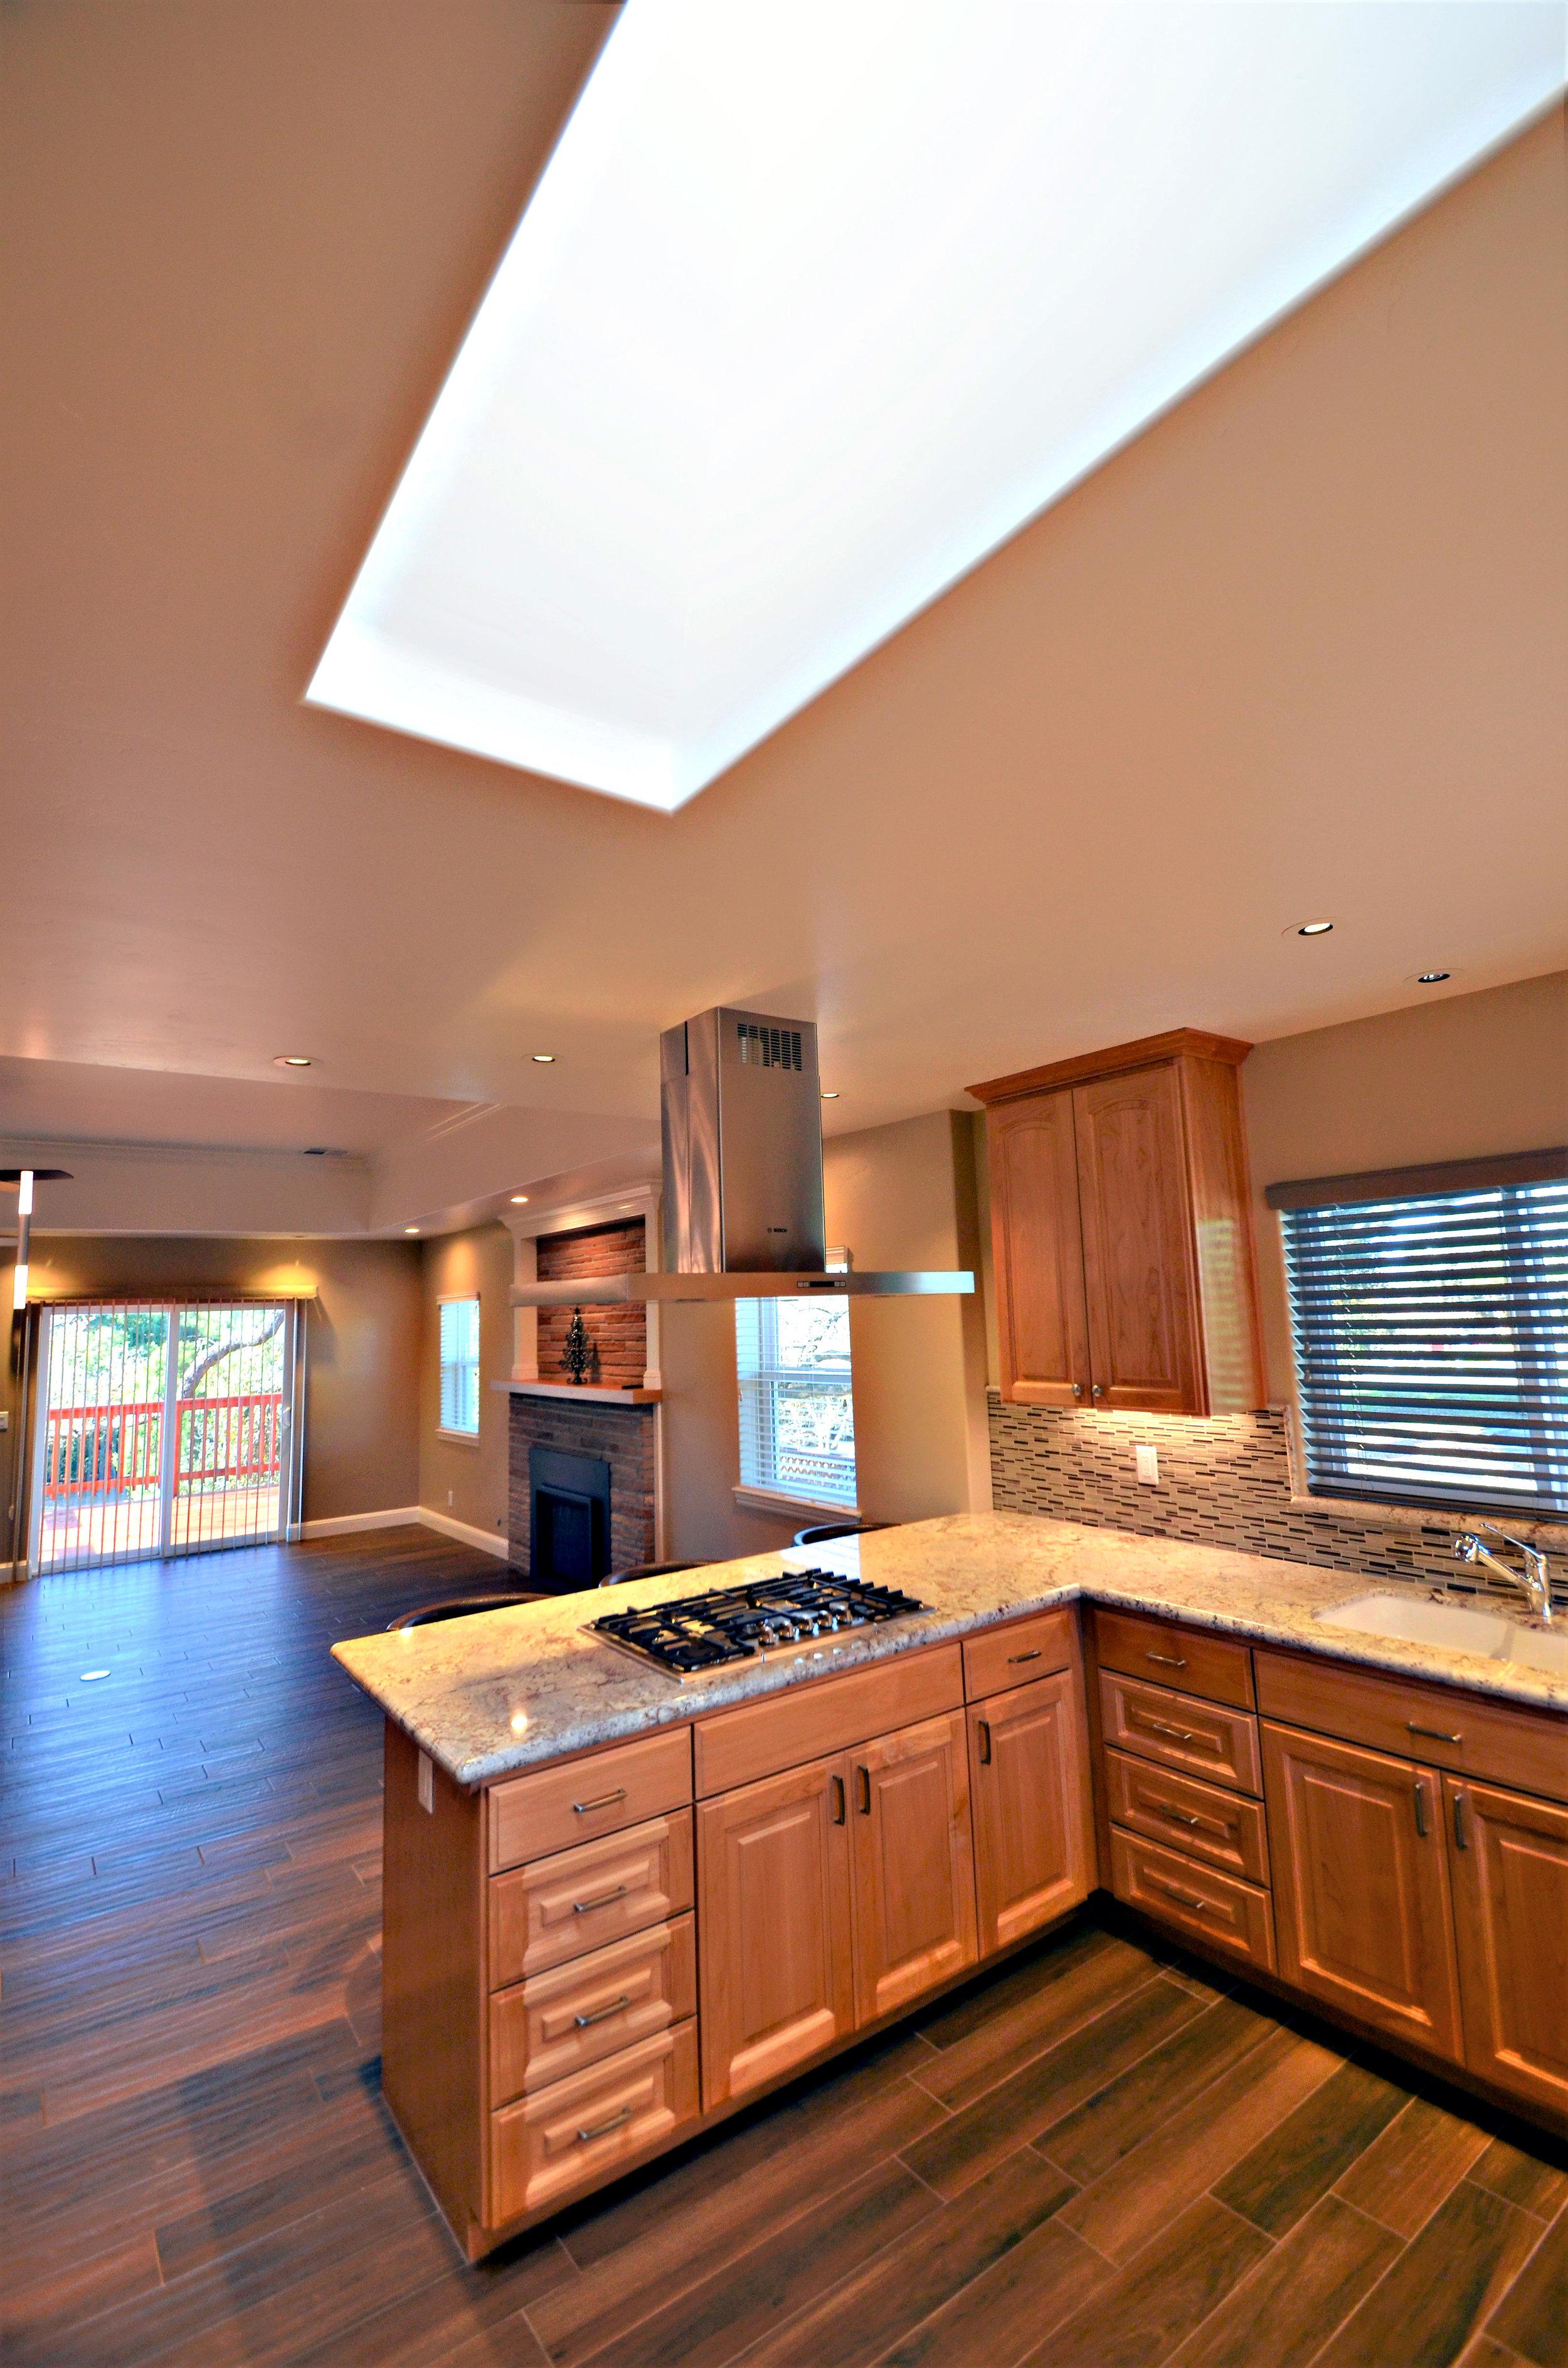 Interior_Kitchen2.jpg